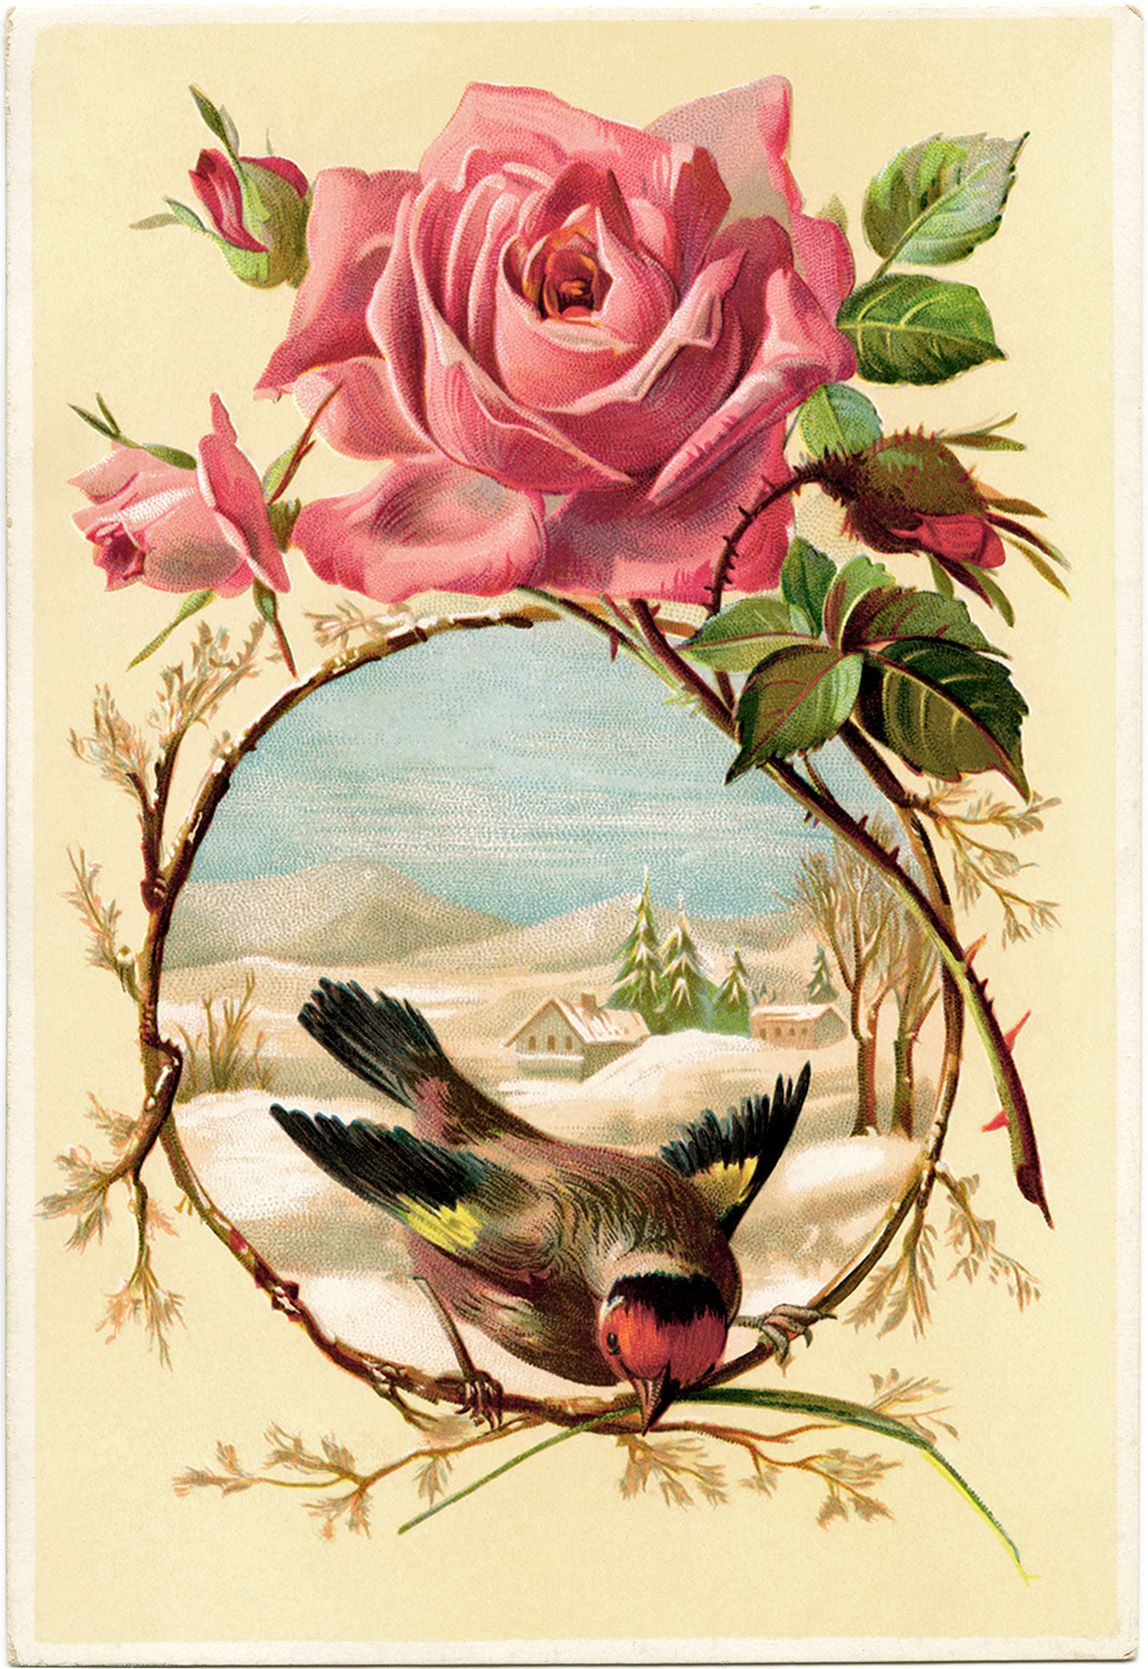 Винтажные рисунки картинки, анимации бабочками белгород